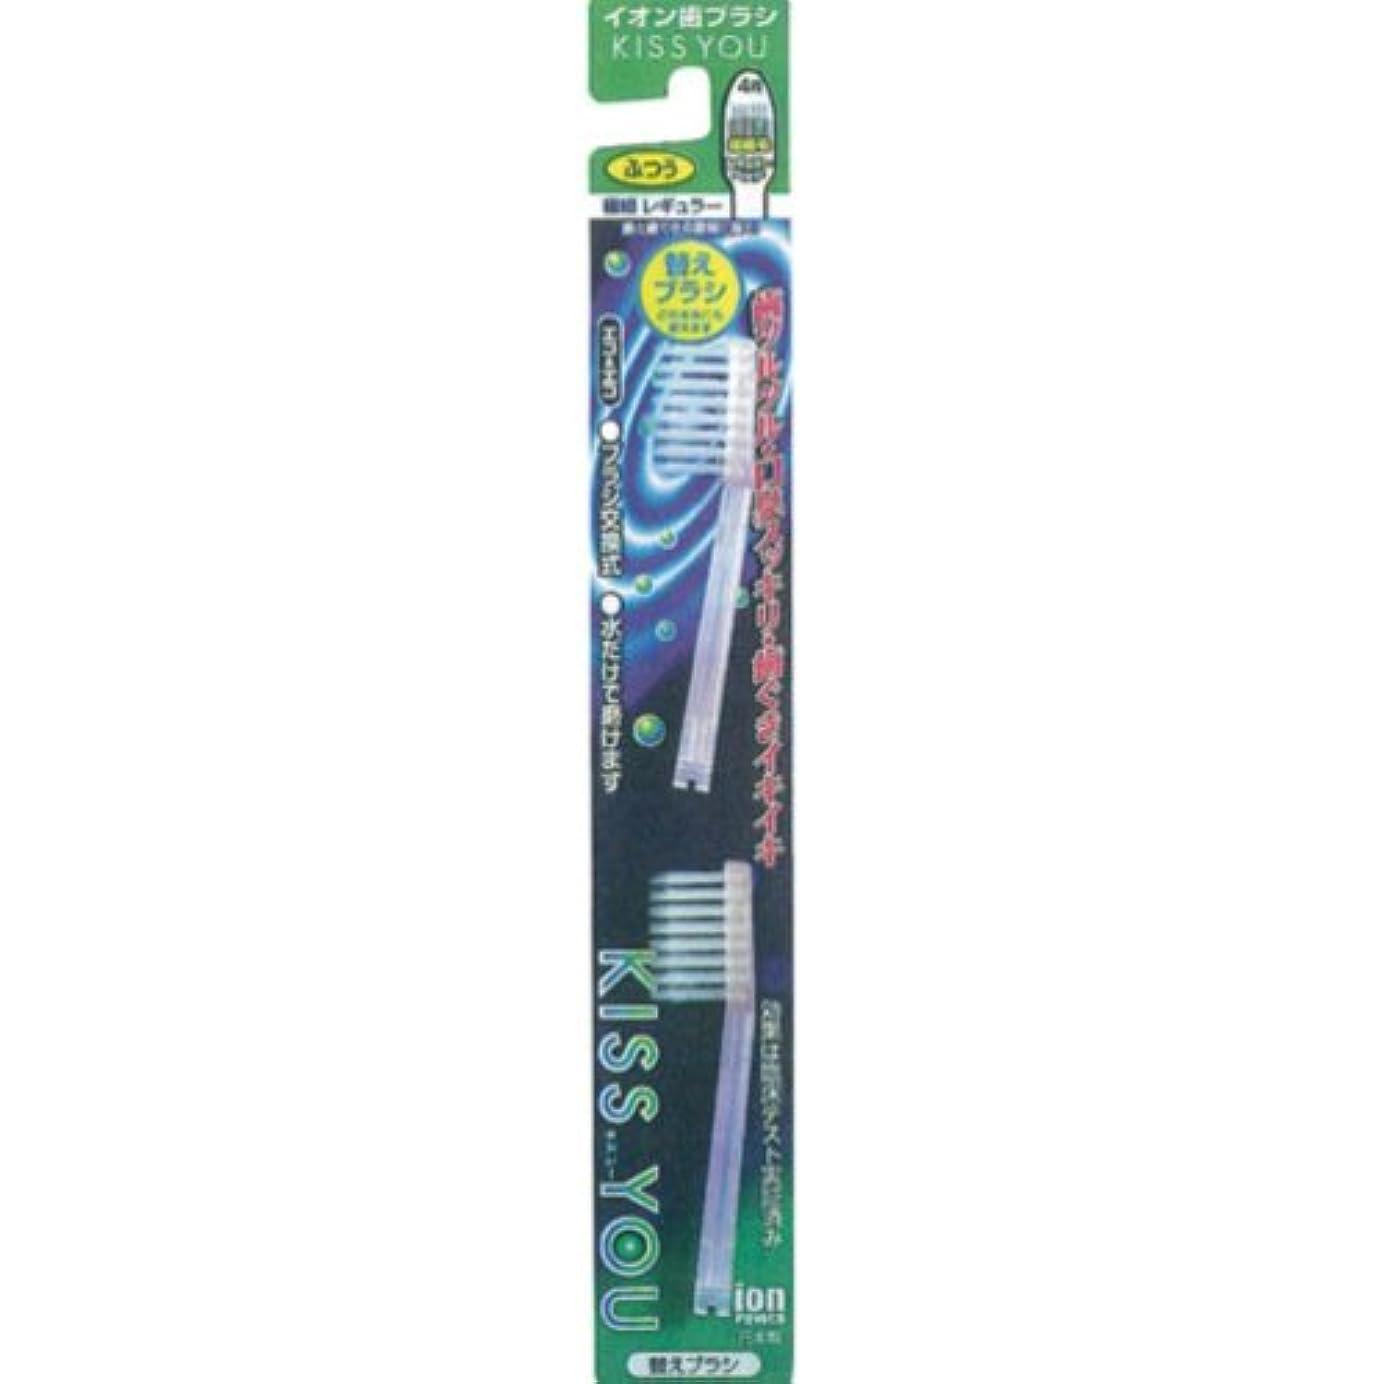 関与するヒューバートハドソンポンペイフクバデンタル キスユー イオン歯ブラシ 極細レギュラー 替えブラシ ふつう (2本入)